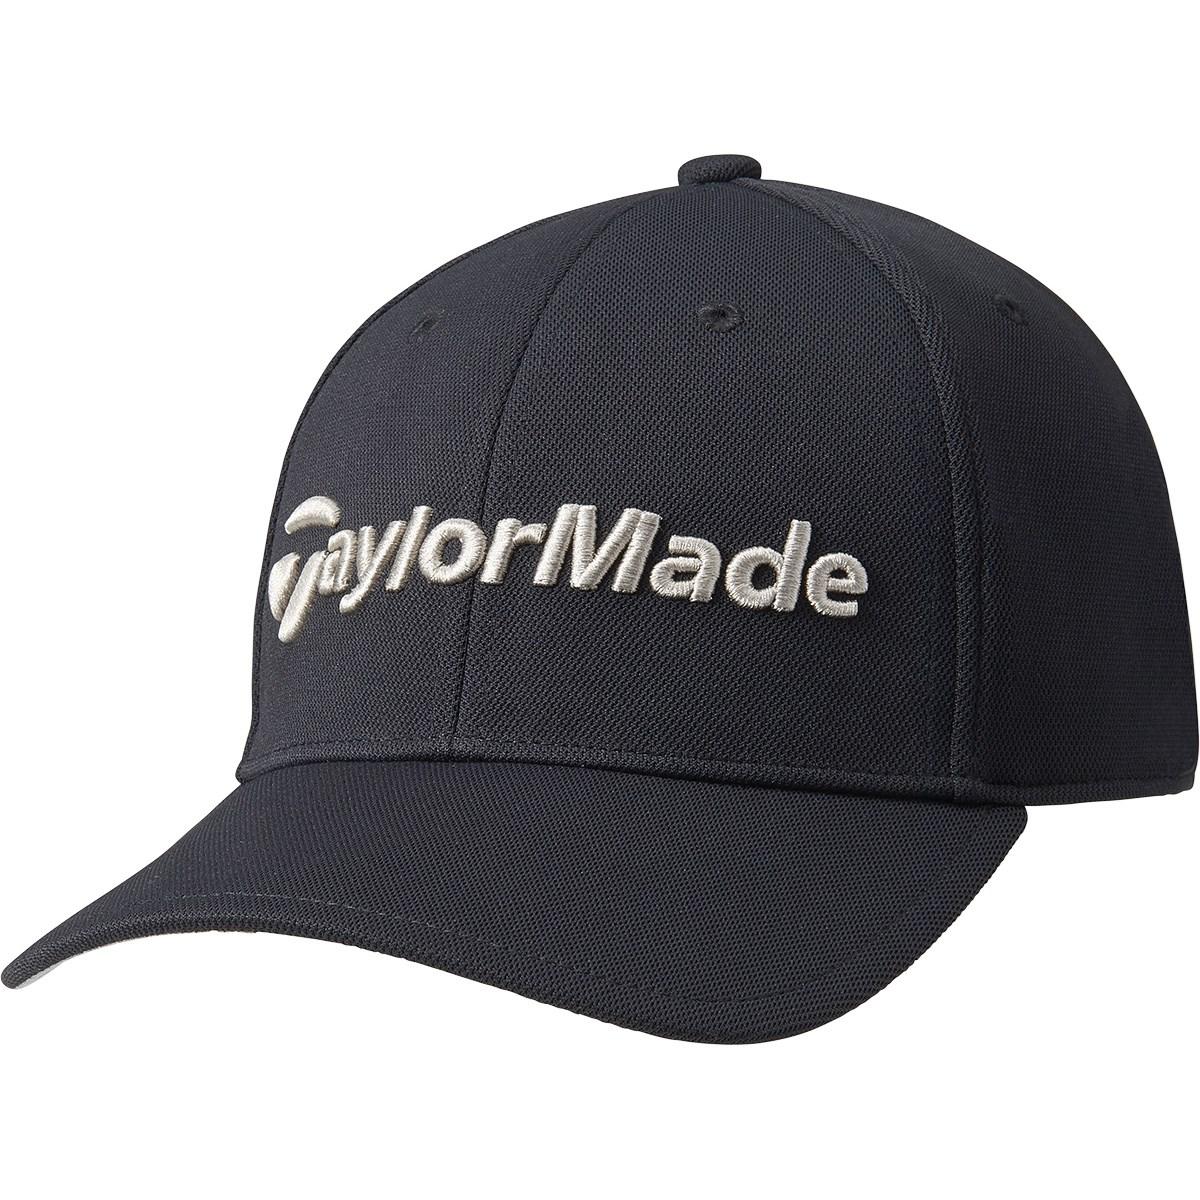 テーラーメイド(Taylor Made) サマーファンクショナル キャップ